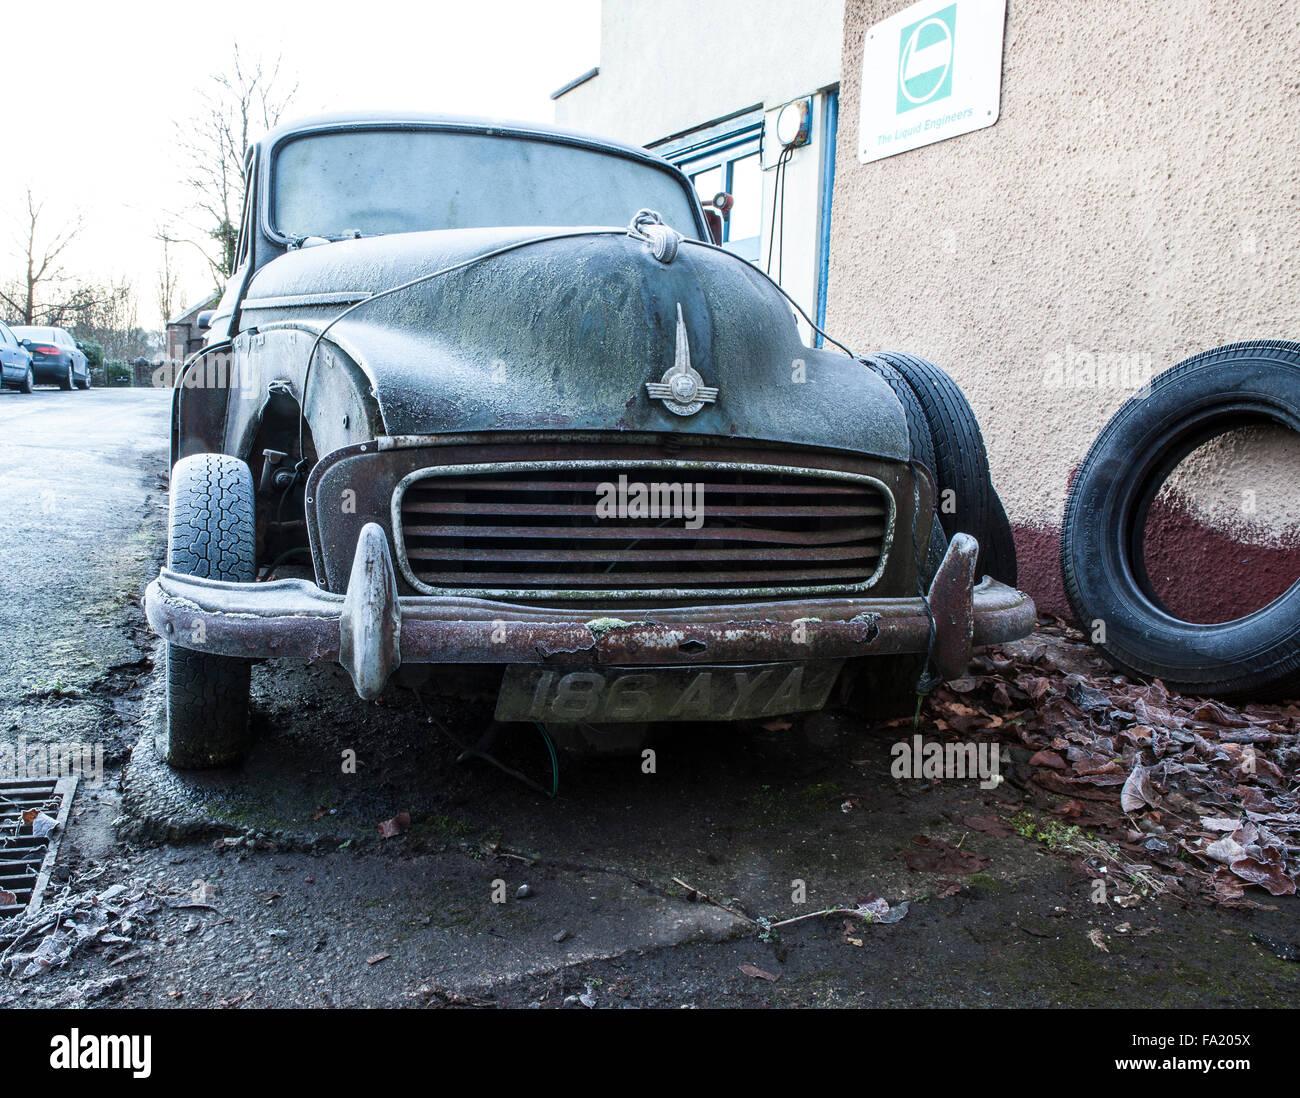 Old Morris Minor Car rusting away - Stock Image